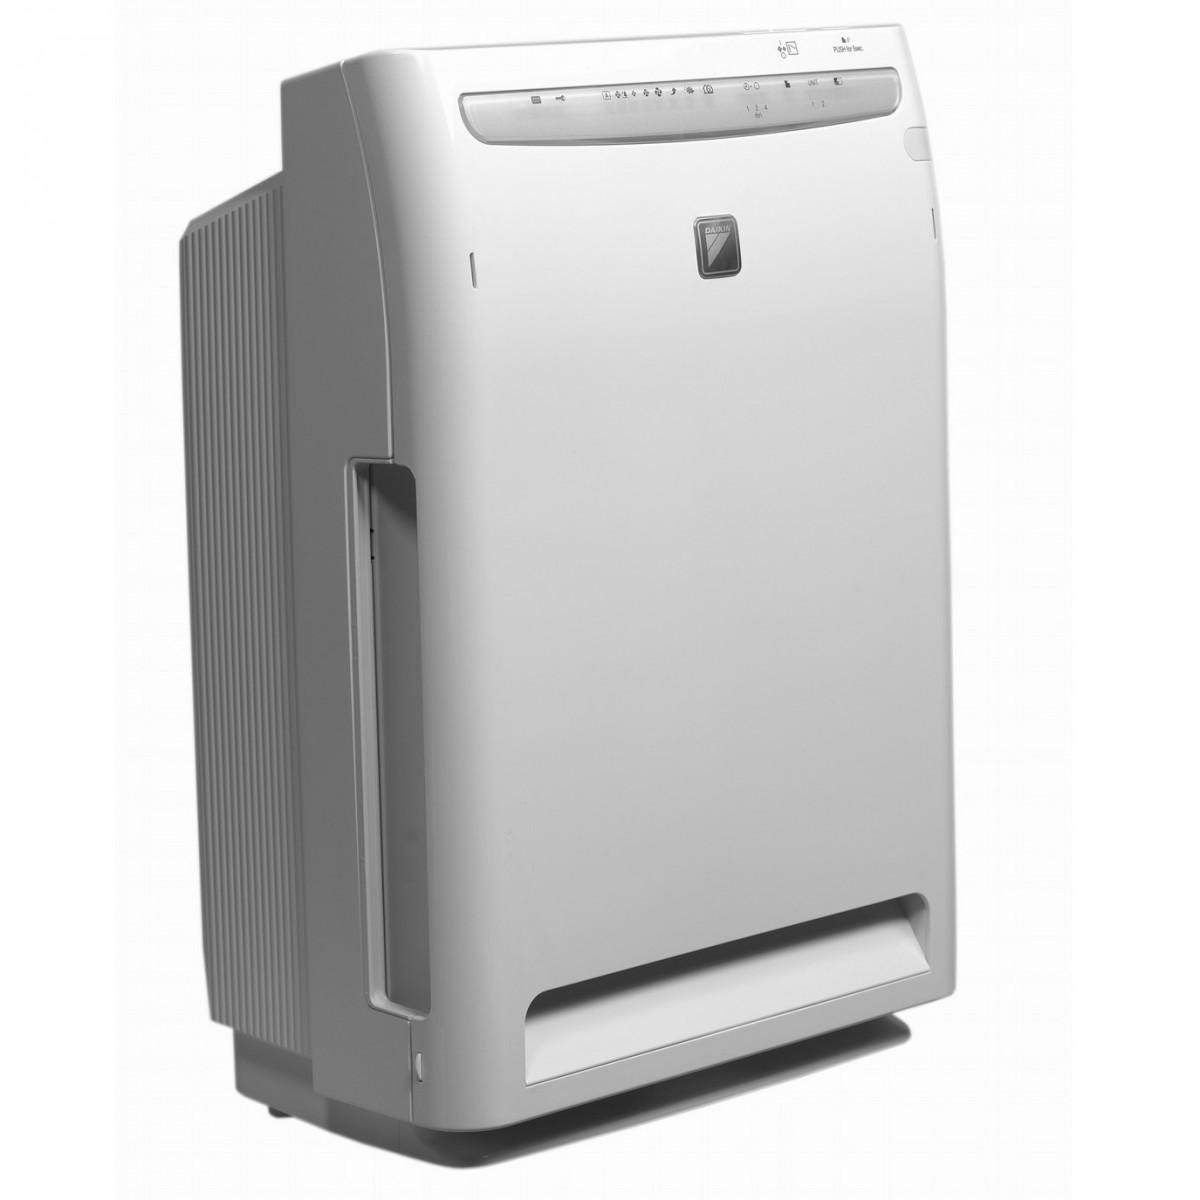 Odvlazivac Sinclair Cfo 20n Klima Uređaji Inverter